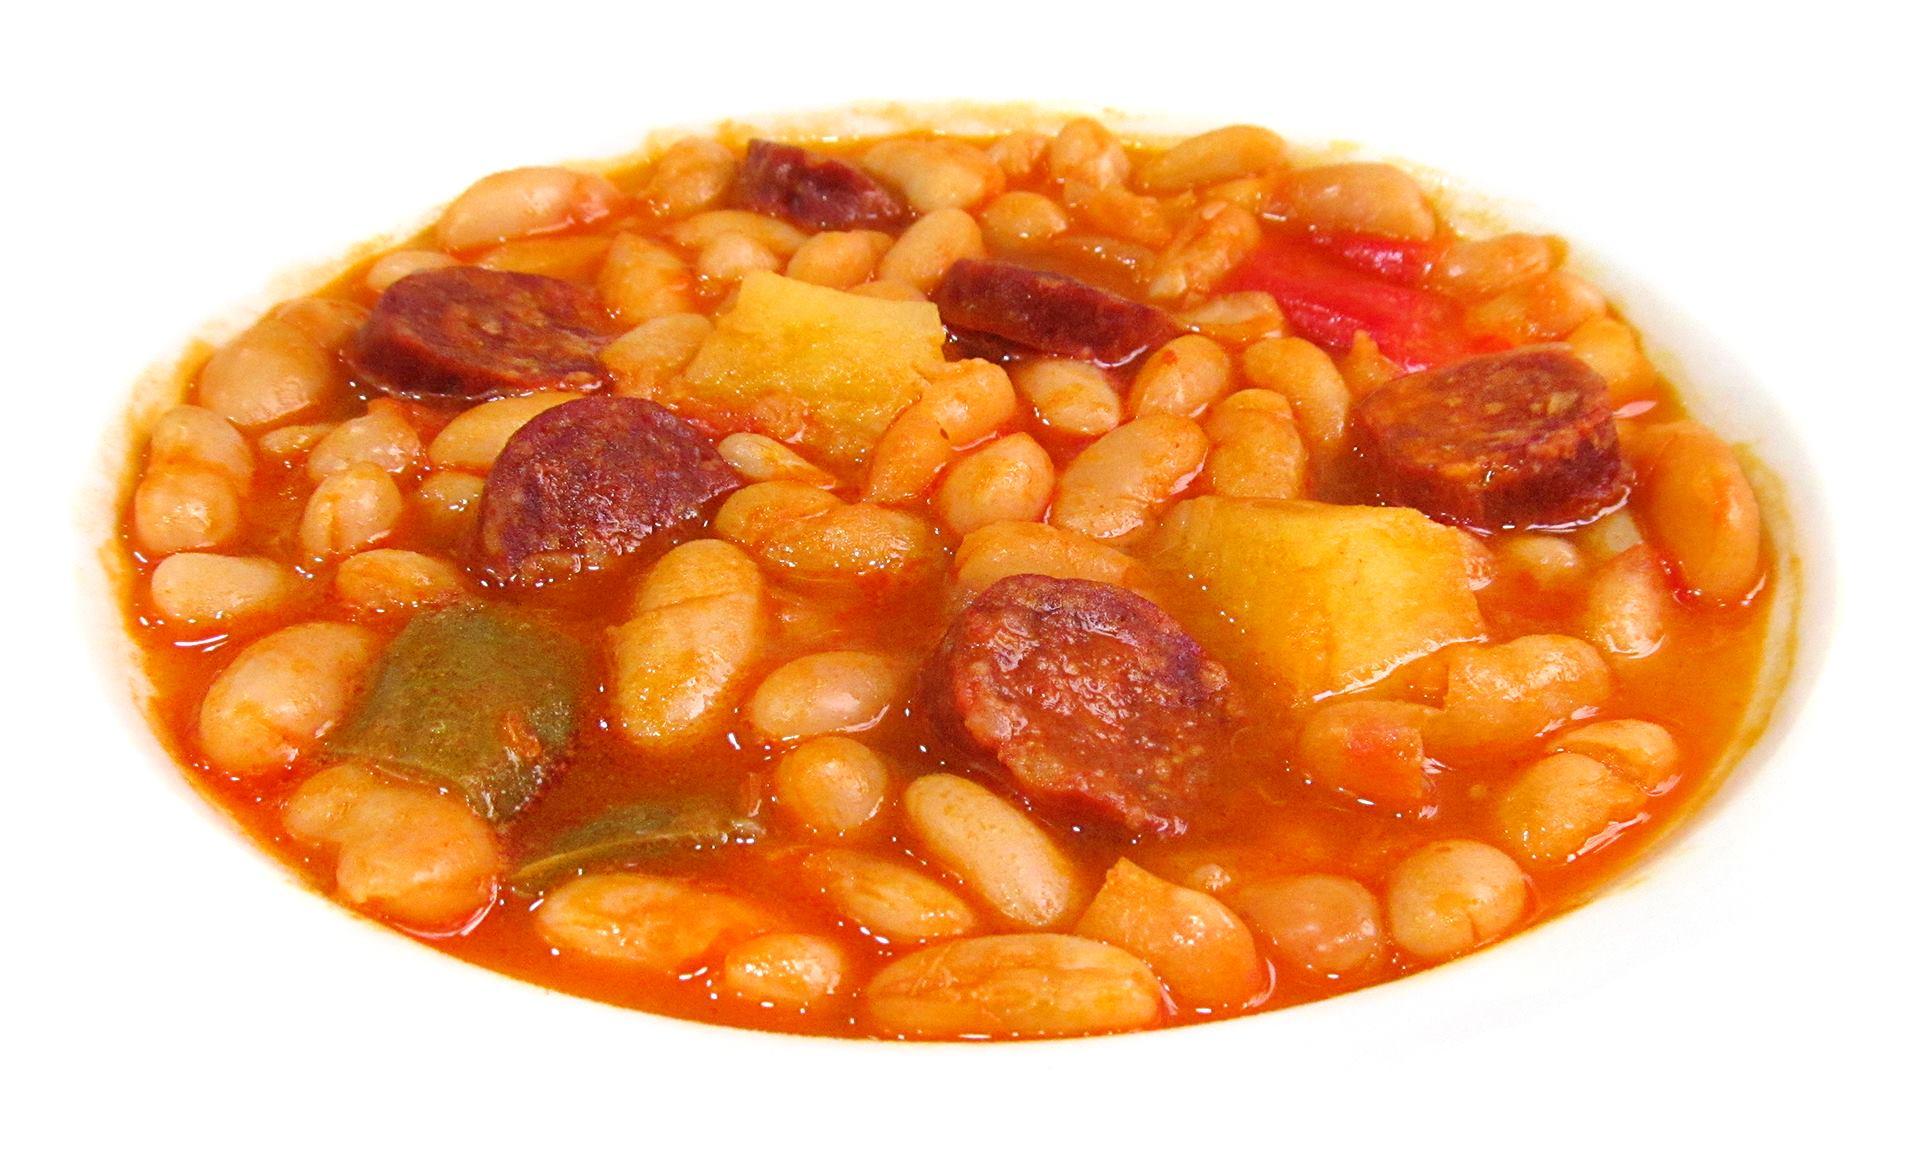 Jud as blancas con chorizo electrodom sticos brandt - Judias con chorizo y patatas ...